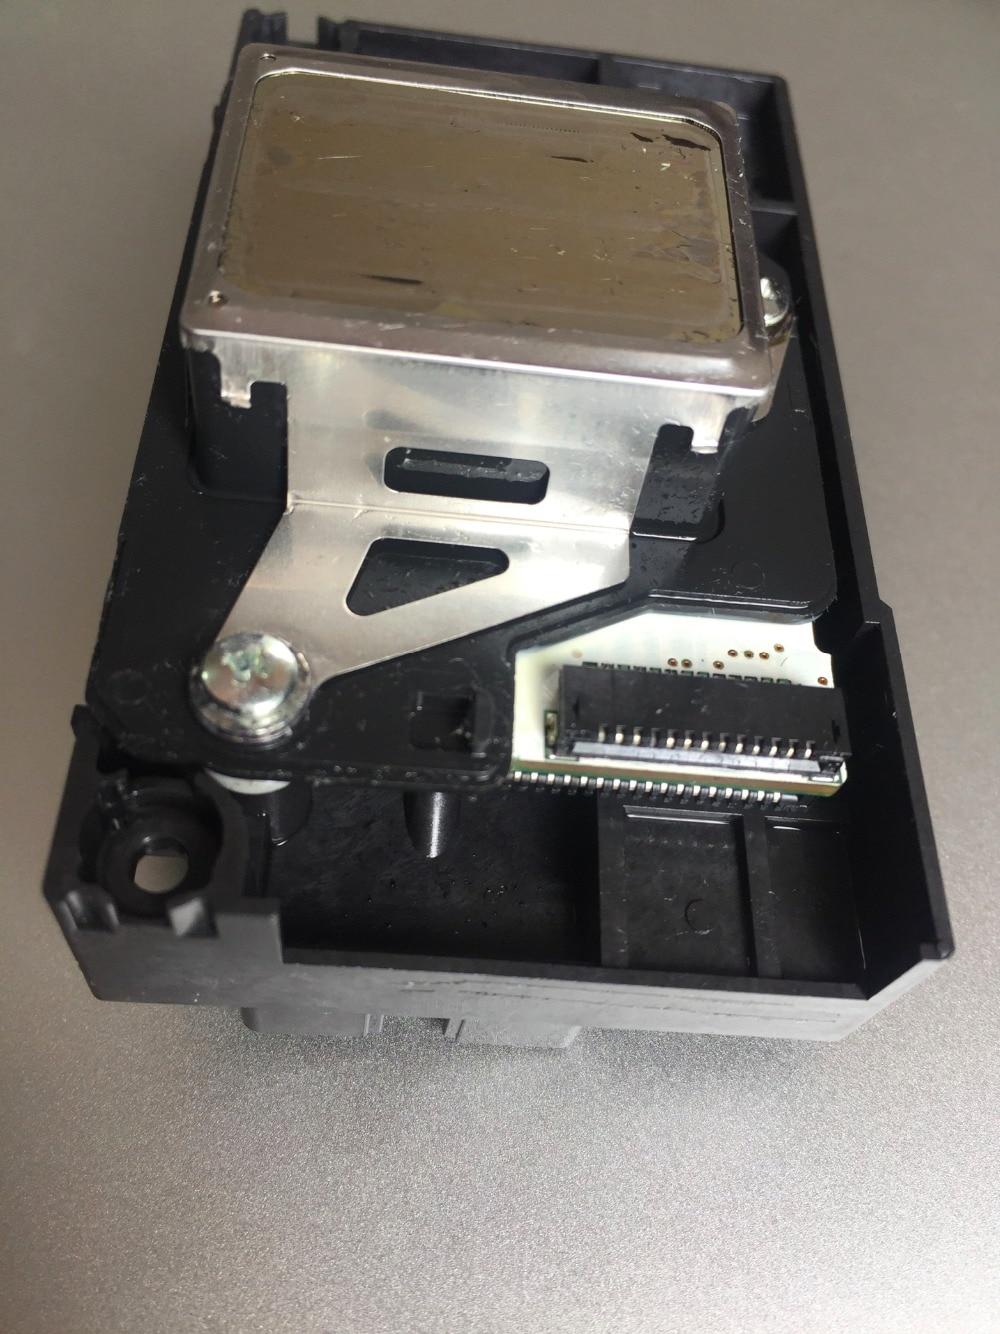 1X F180000 R290 T50 L800 printhead for Epson T50 A50 P50 R290 R280 RX610 RX690 L800 L801 printhead цены